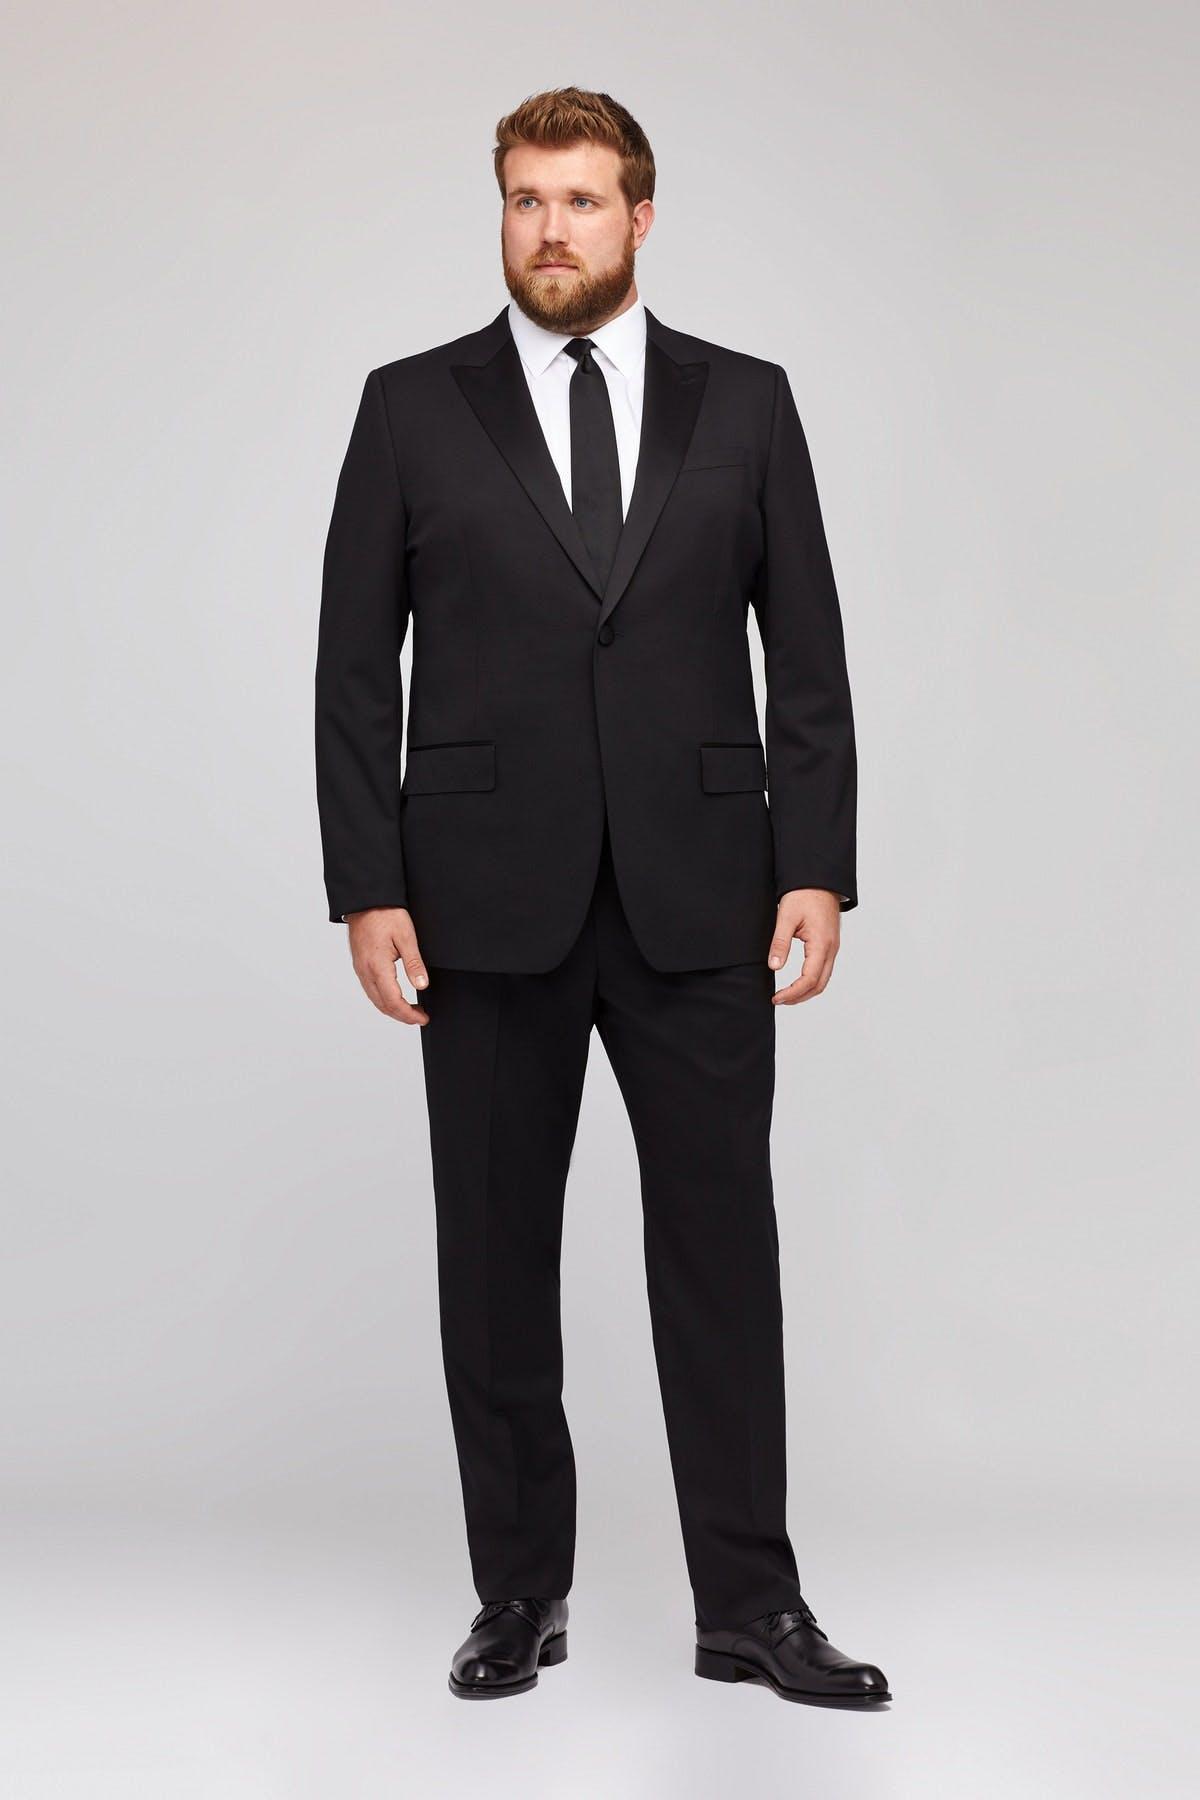 Jetsetter Stretch Italian Wool Tuxedo Extended Sizes